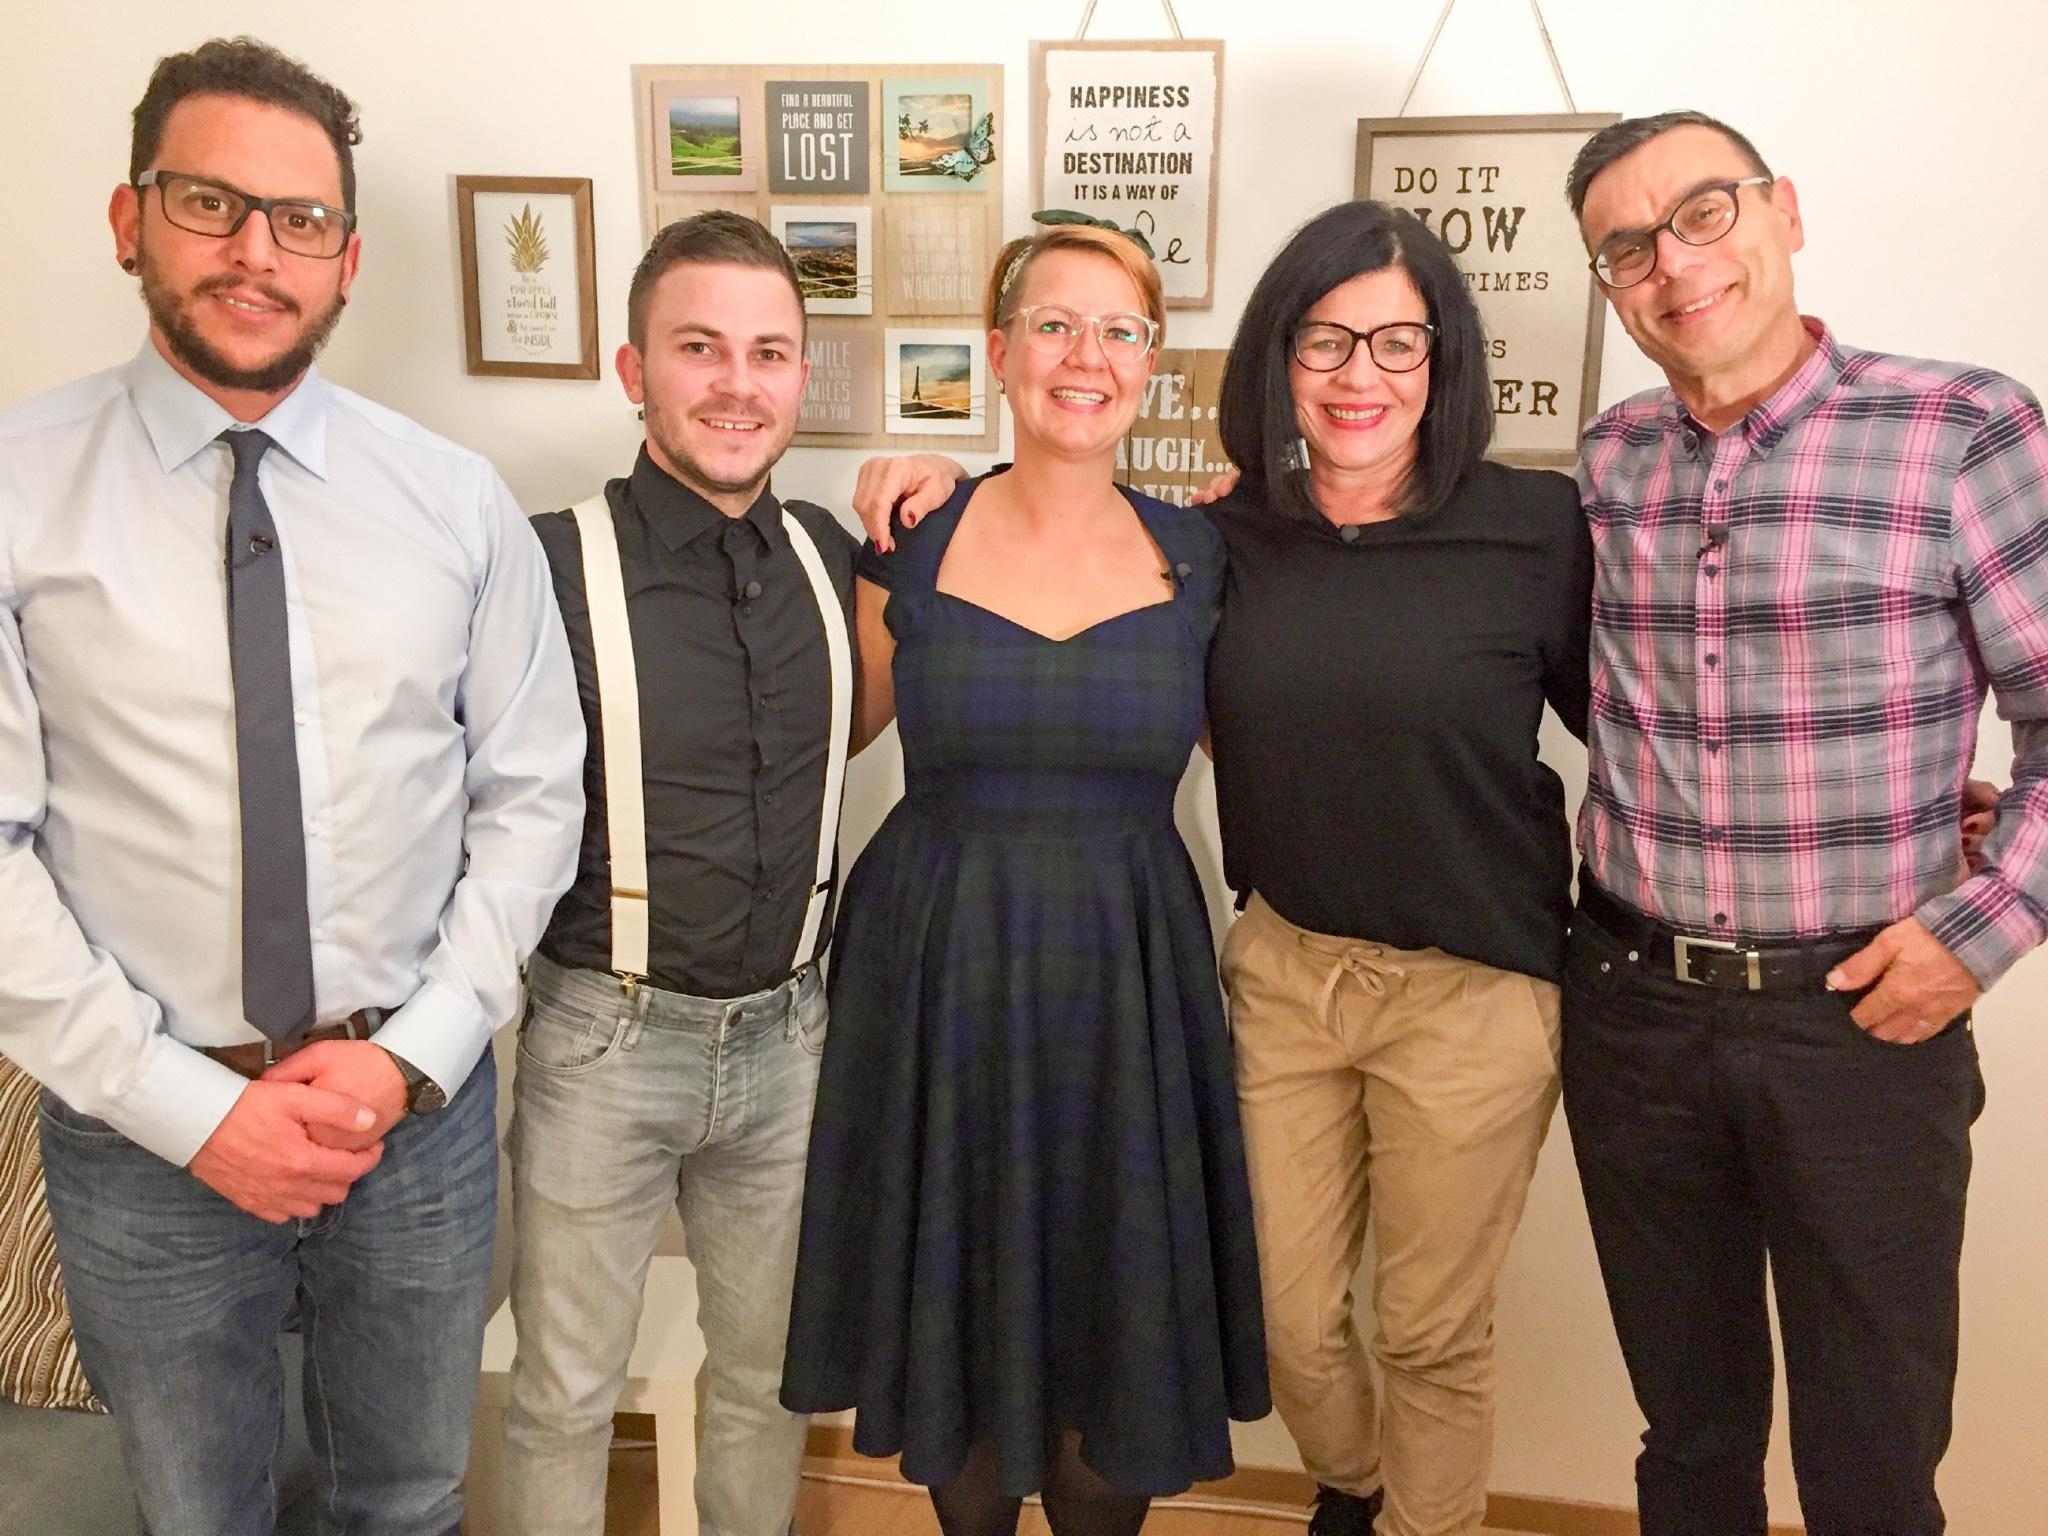 V.l.: Walid, Burkhard, Gastgeberin Christina, Katja, Hartmut. Foto: MG RTL D / ITV Studios